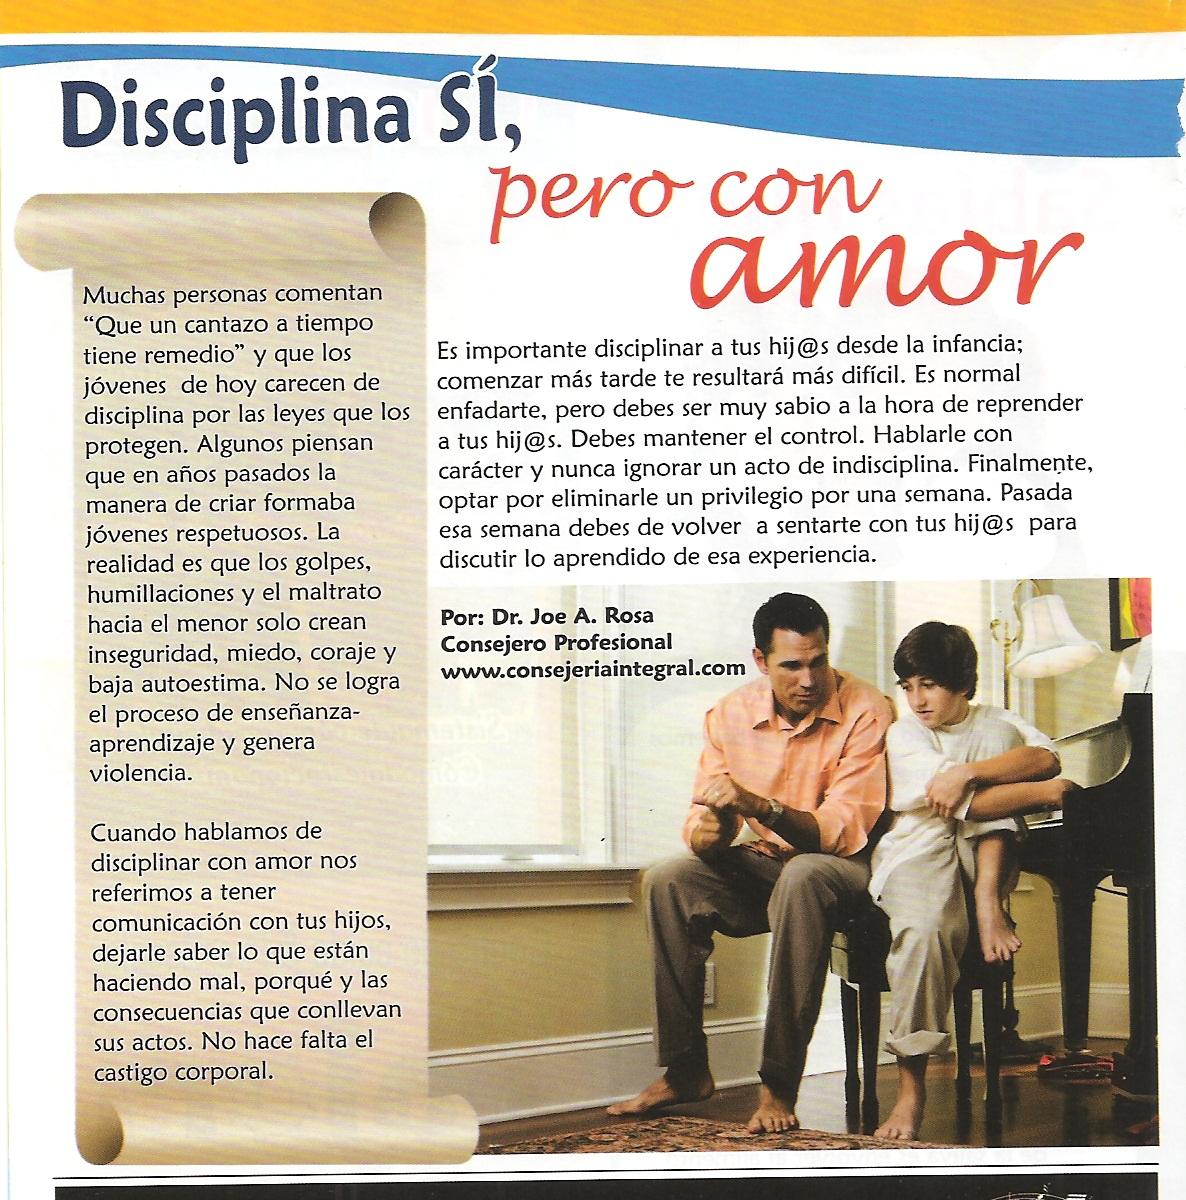 Disciplina si, pero con amor